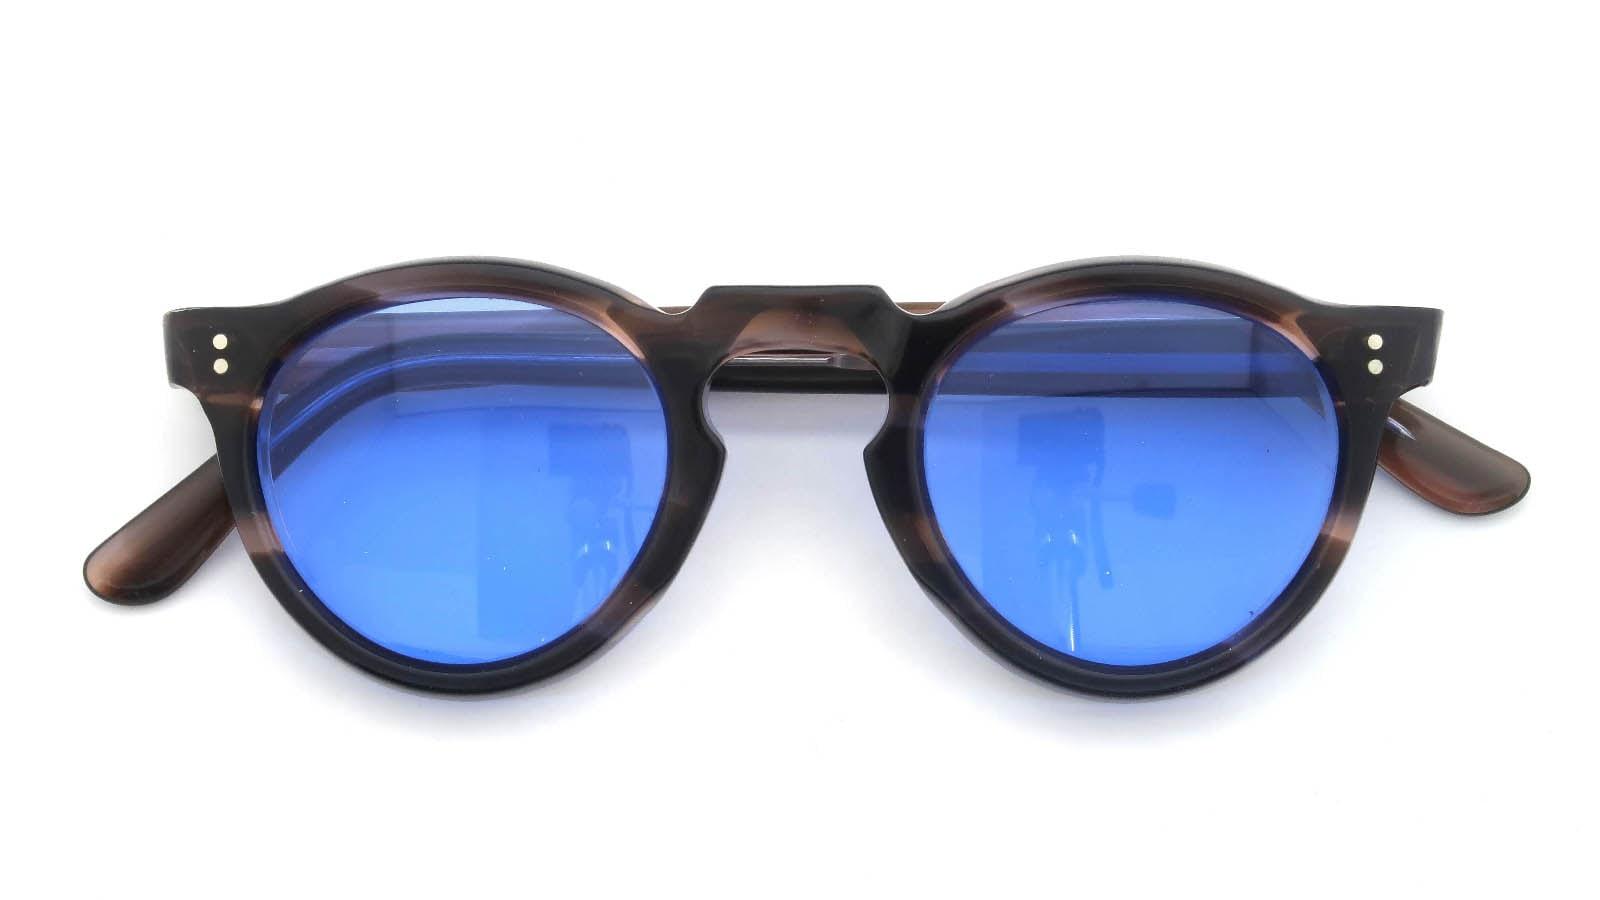 Lesca VINTAGE Panto Ash-Sasa/Blue-Sasa 8mm (v3) 4